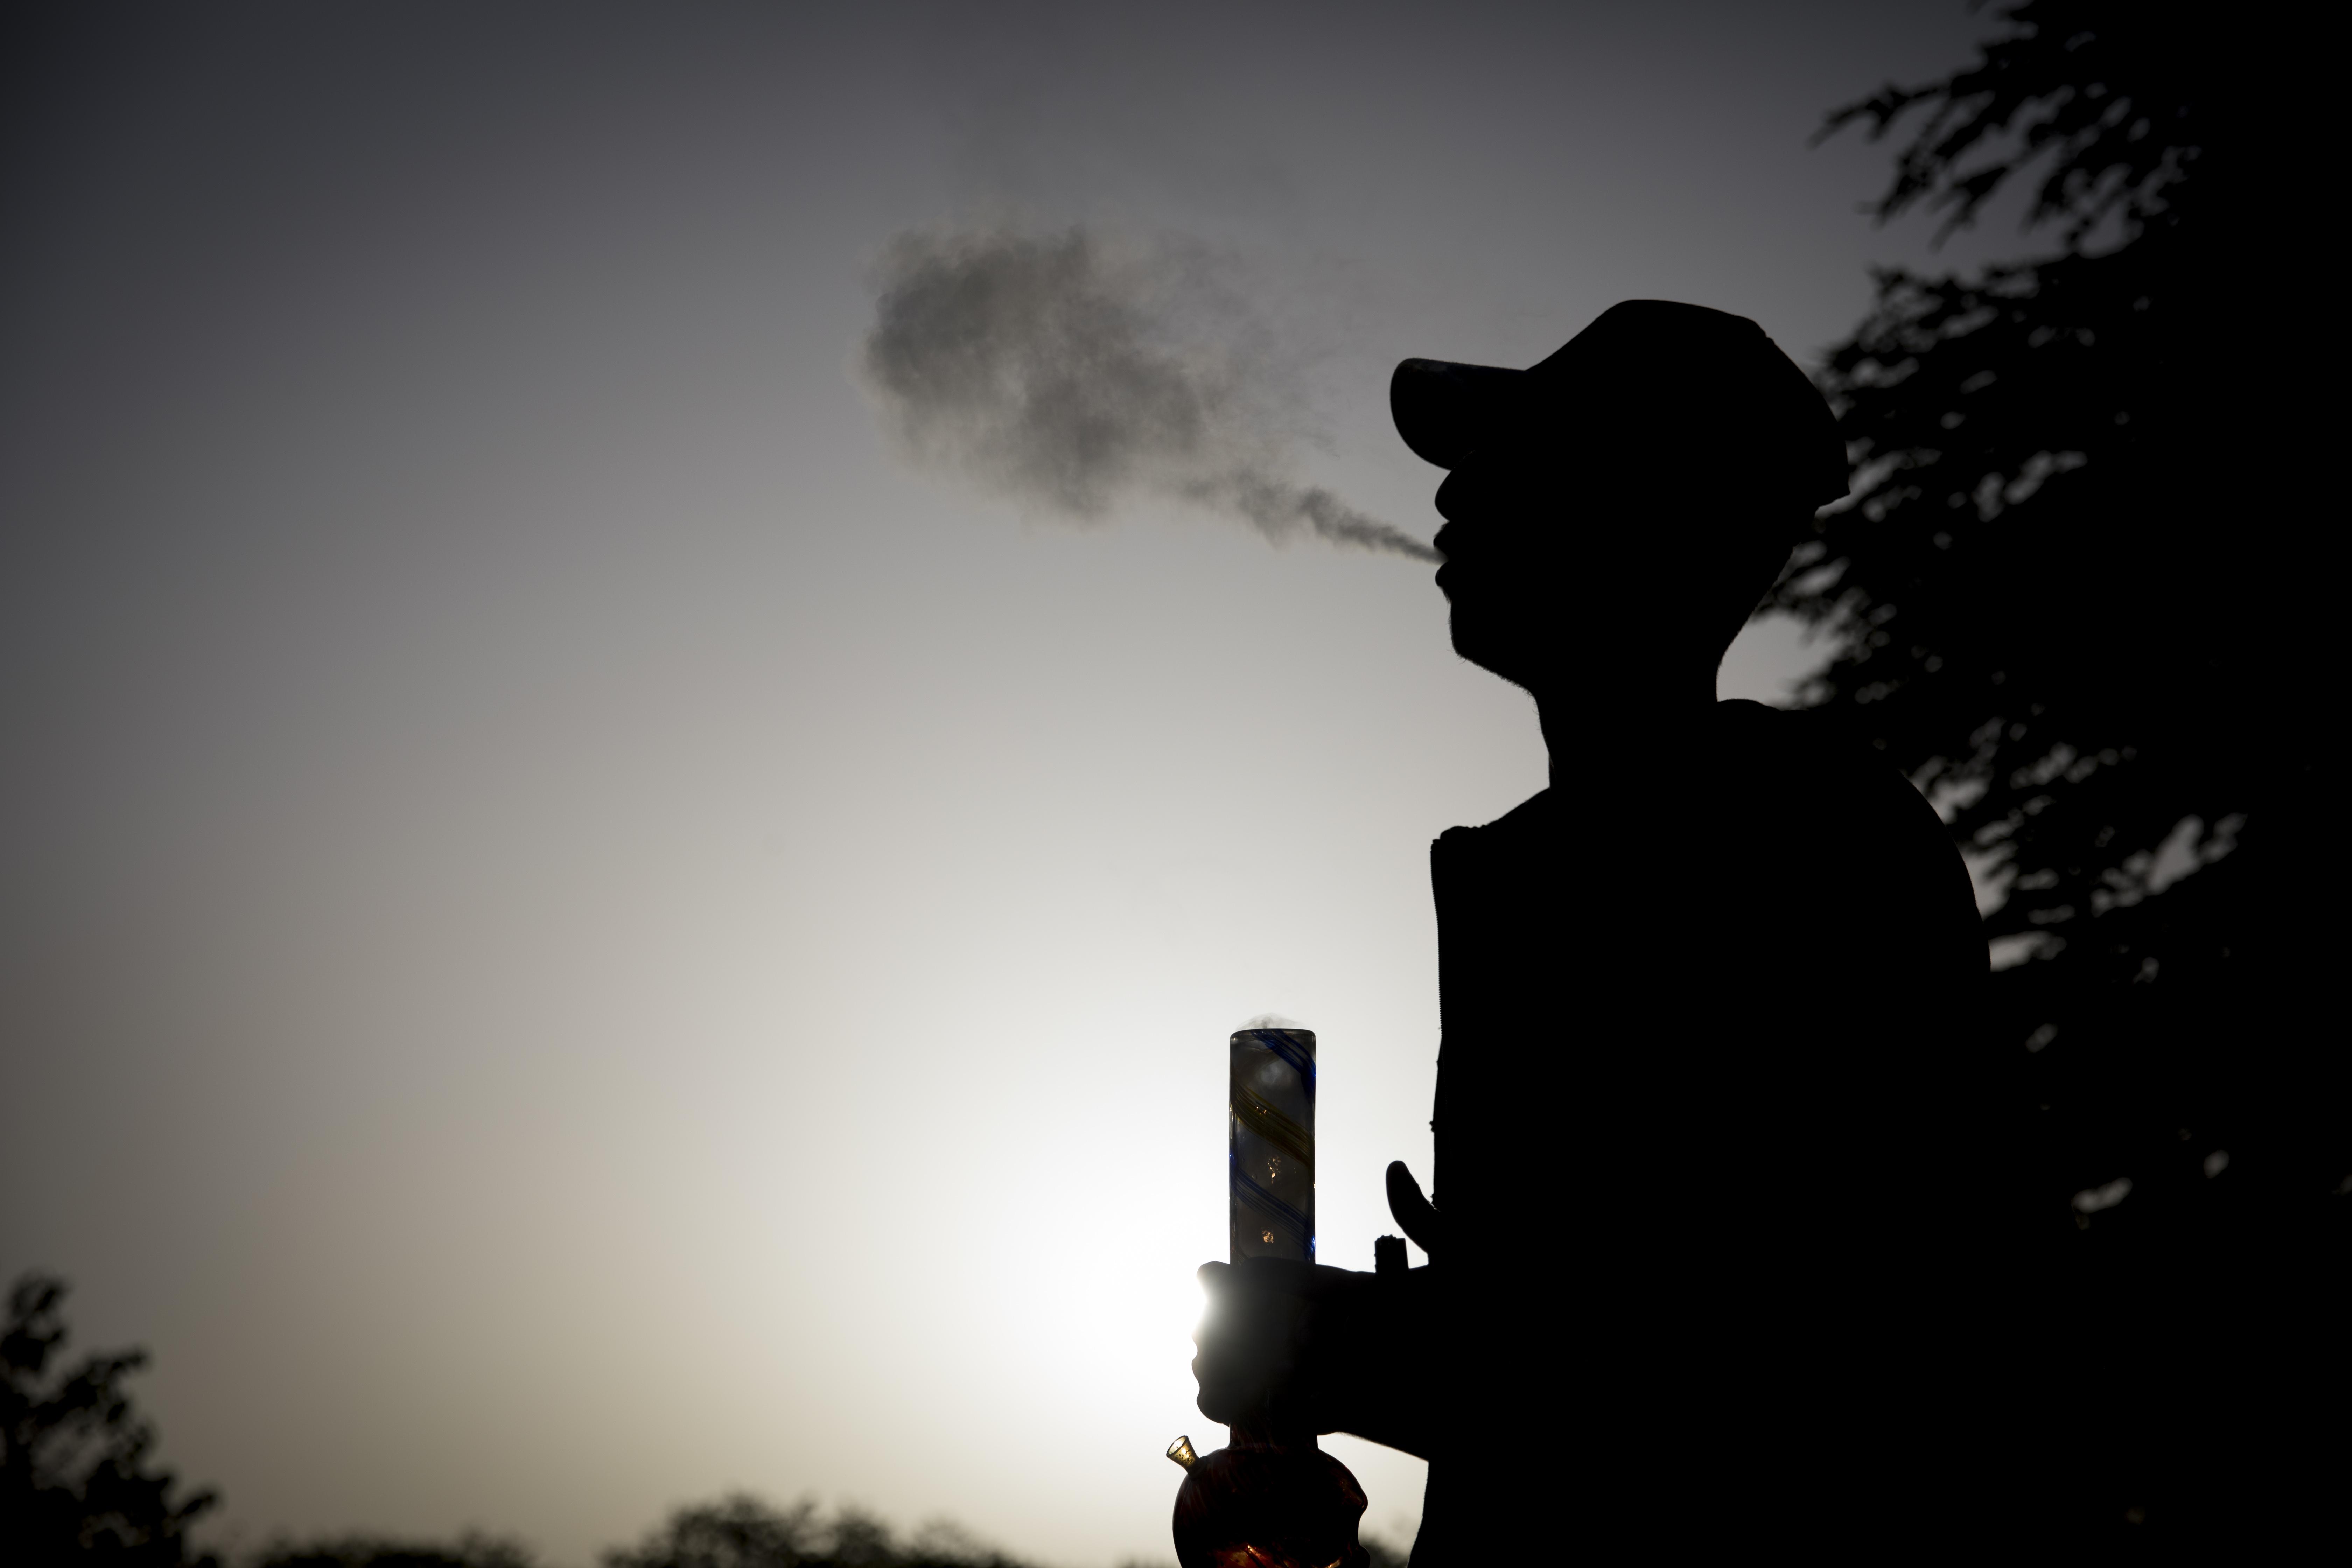 אדם מעשן באנג בהפגנה למען לגליזציה מול הכנסת באפריל 2017 (יונתן זינדל, פלאש 90)